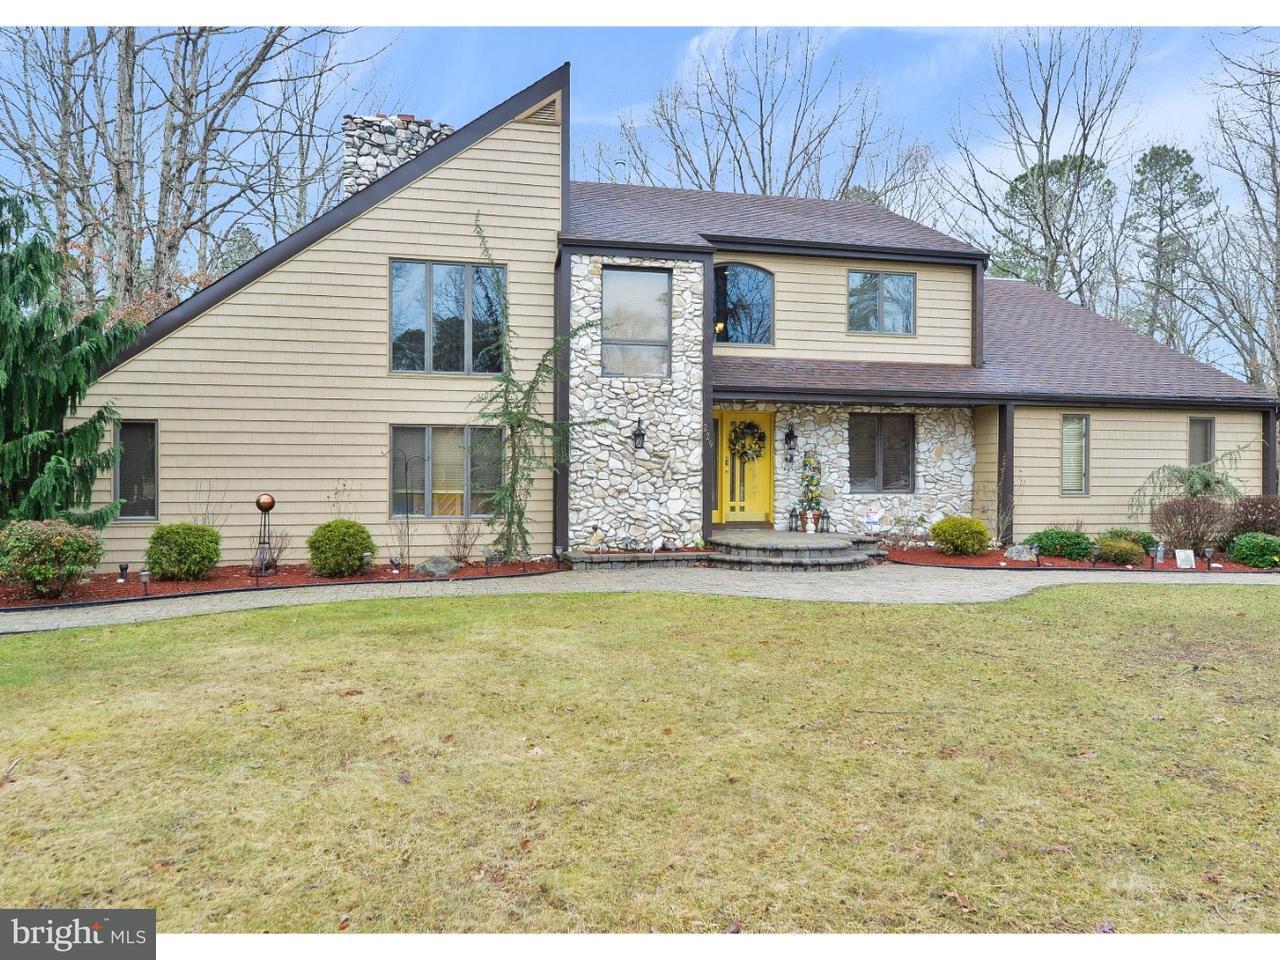 Maison unifamiliale pour l Vente à 229 MAPLE TER Buena Vista Township, New Jersey 08310 États-Unis